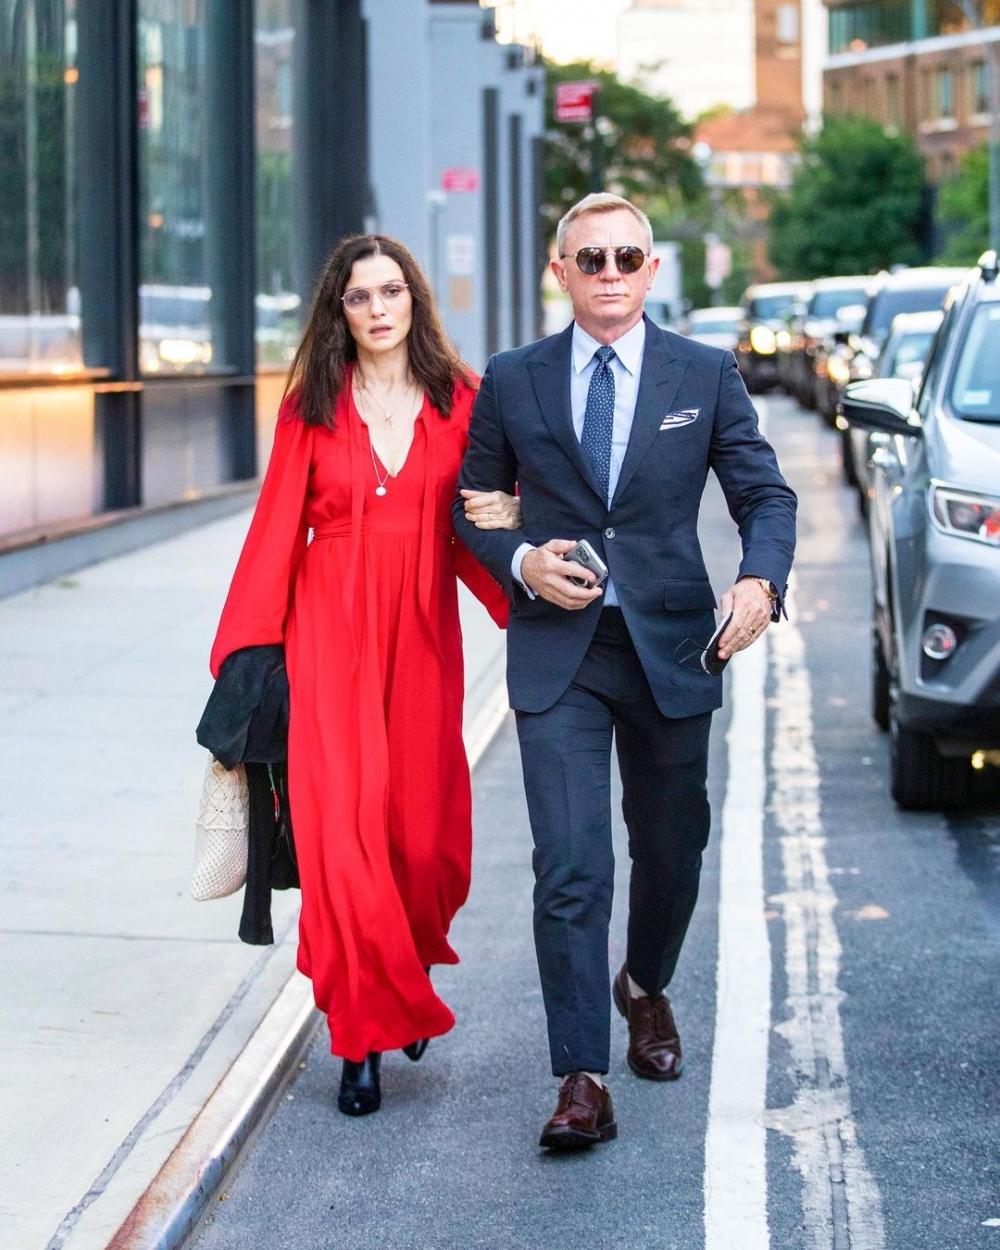 最迷人優雅的情報員夫妻,日常都成了電影場景